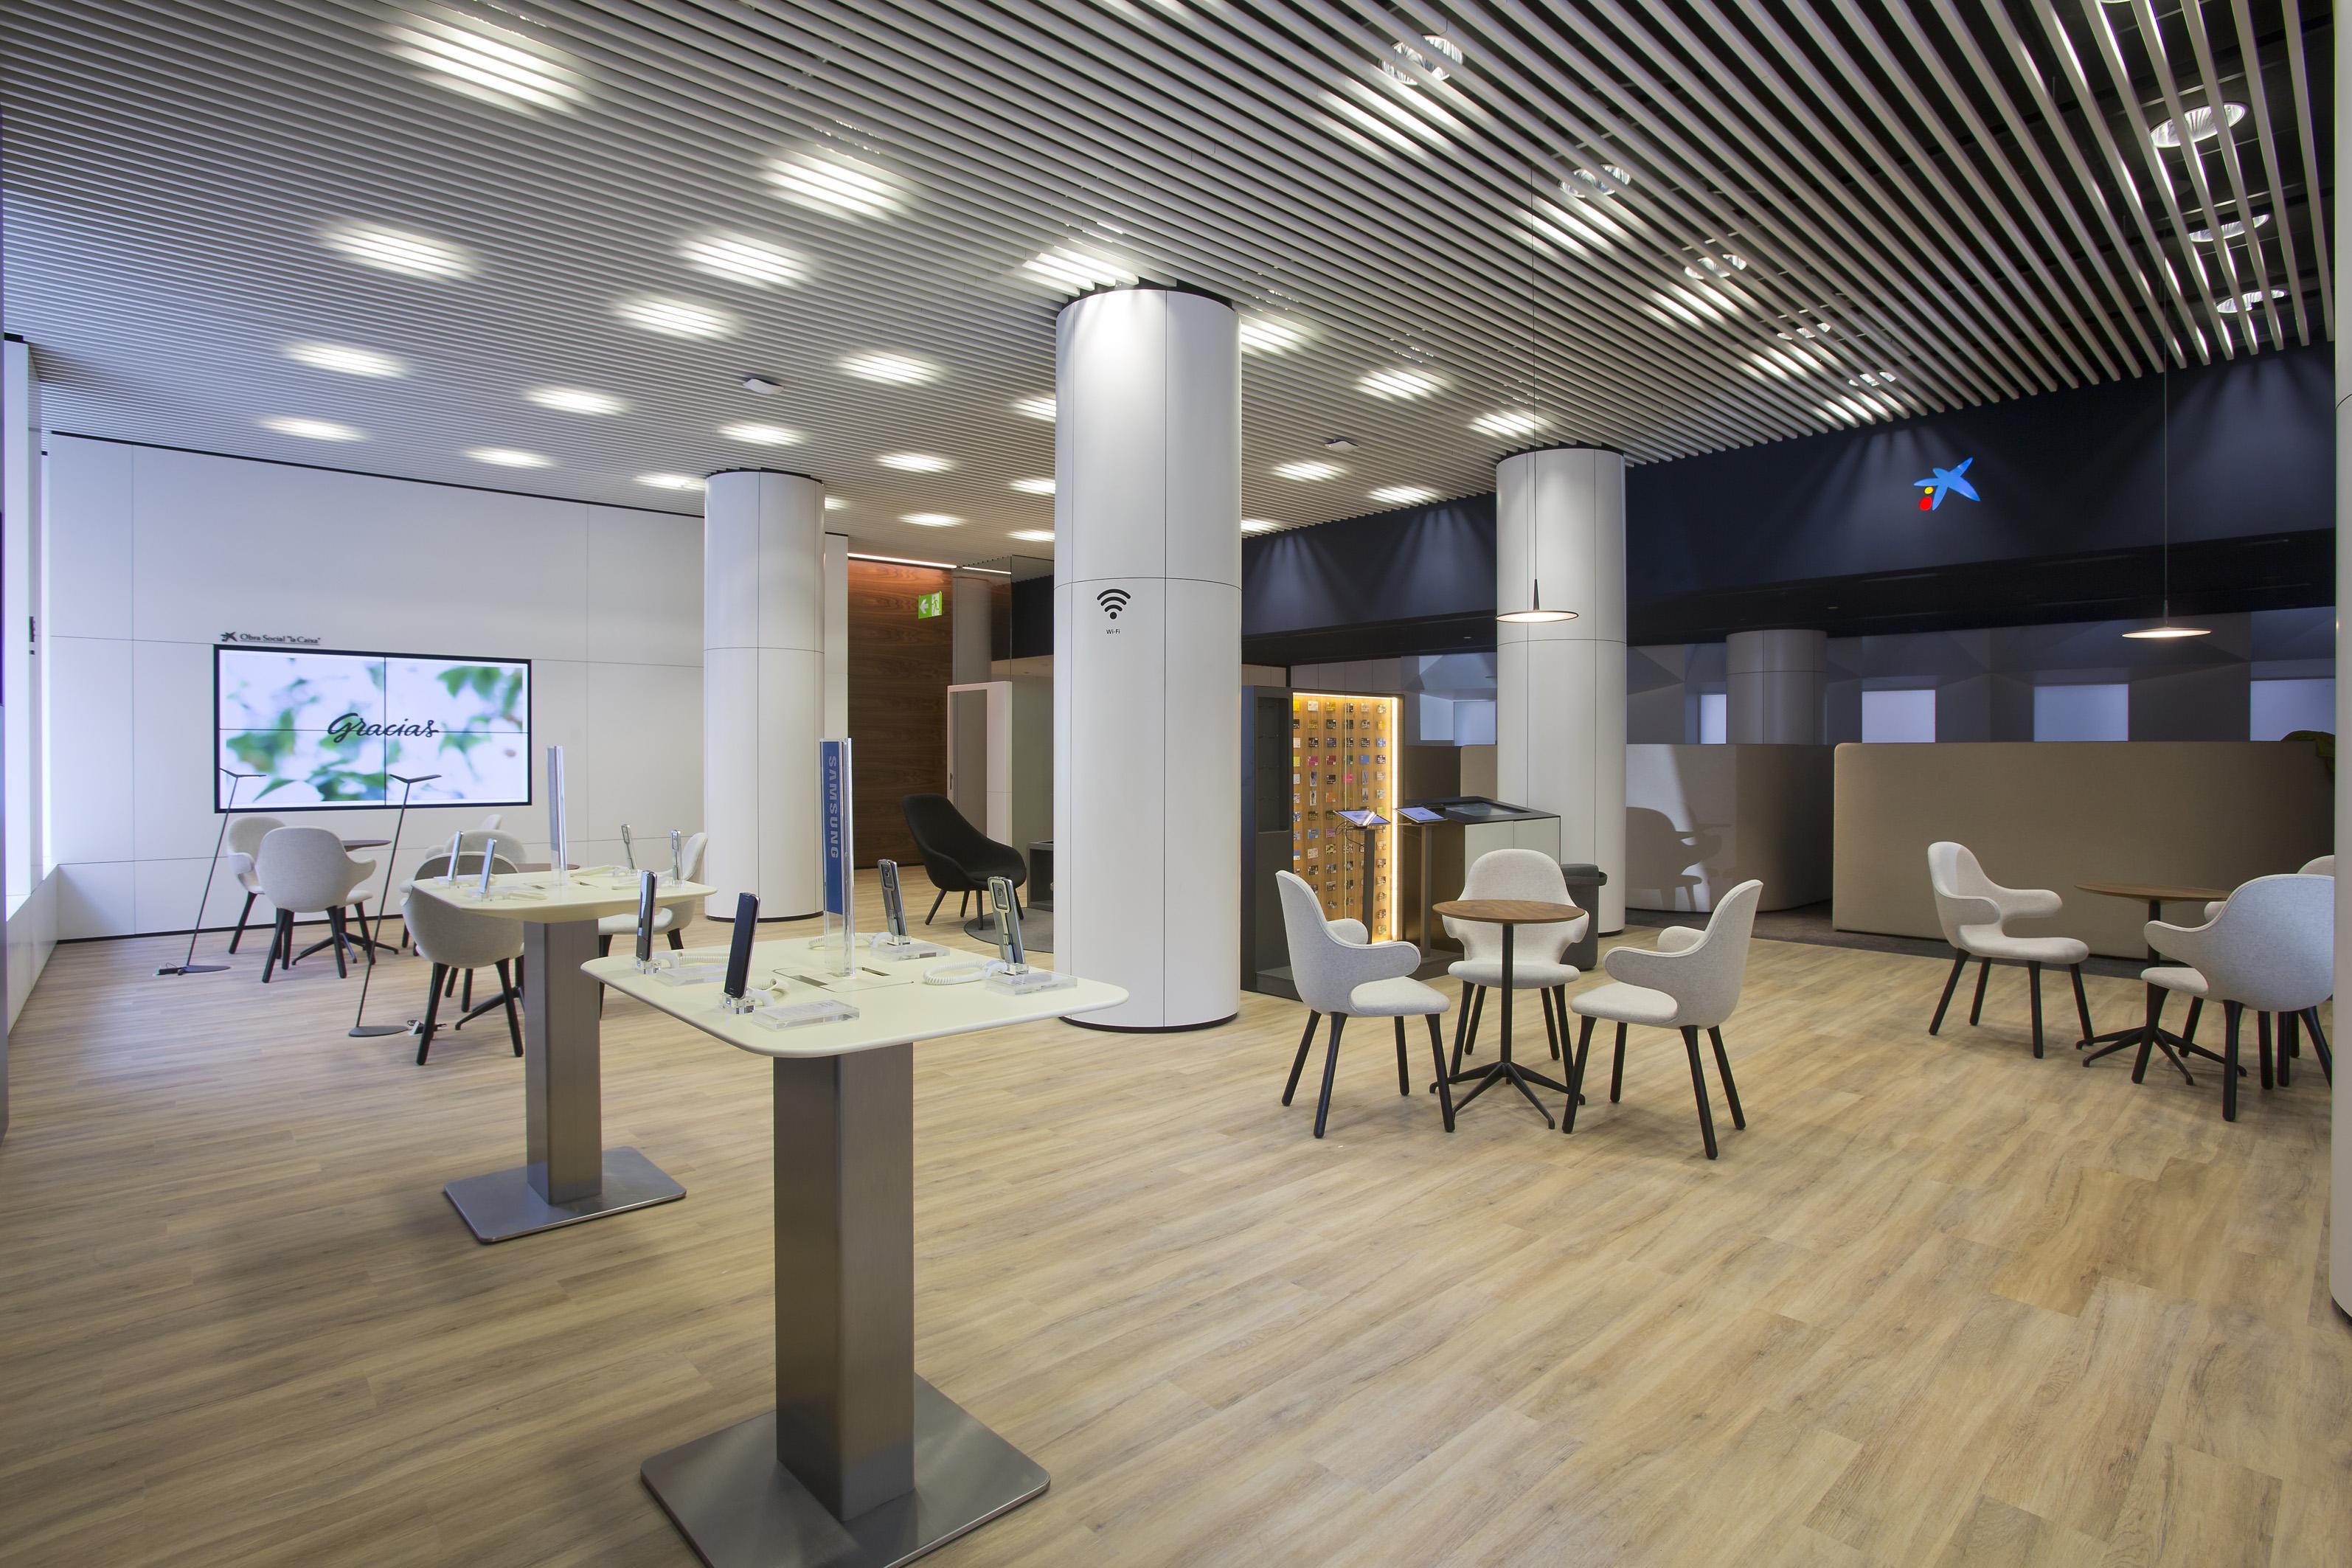 caixabank implanta en estella su nuevo modelo de oficina